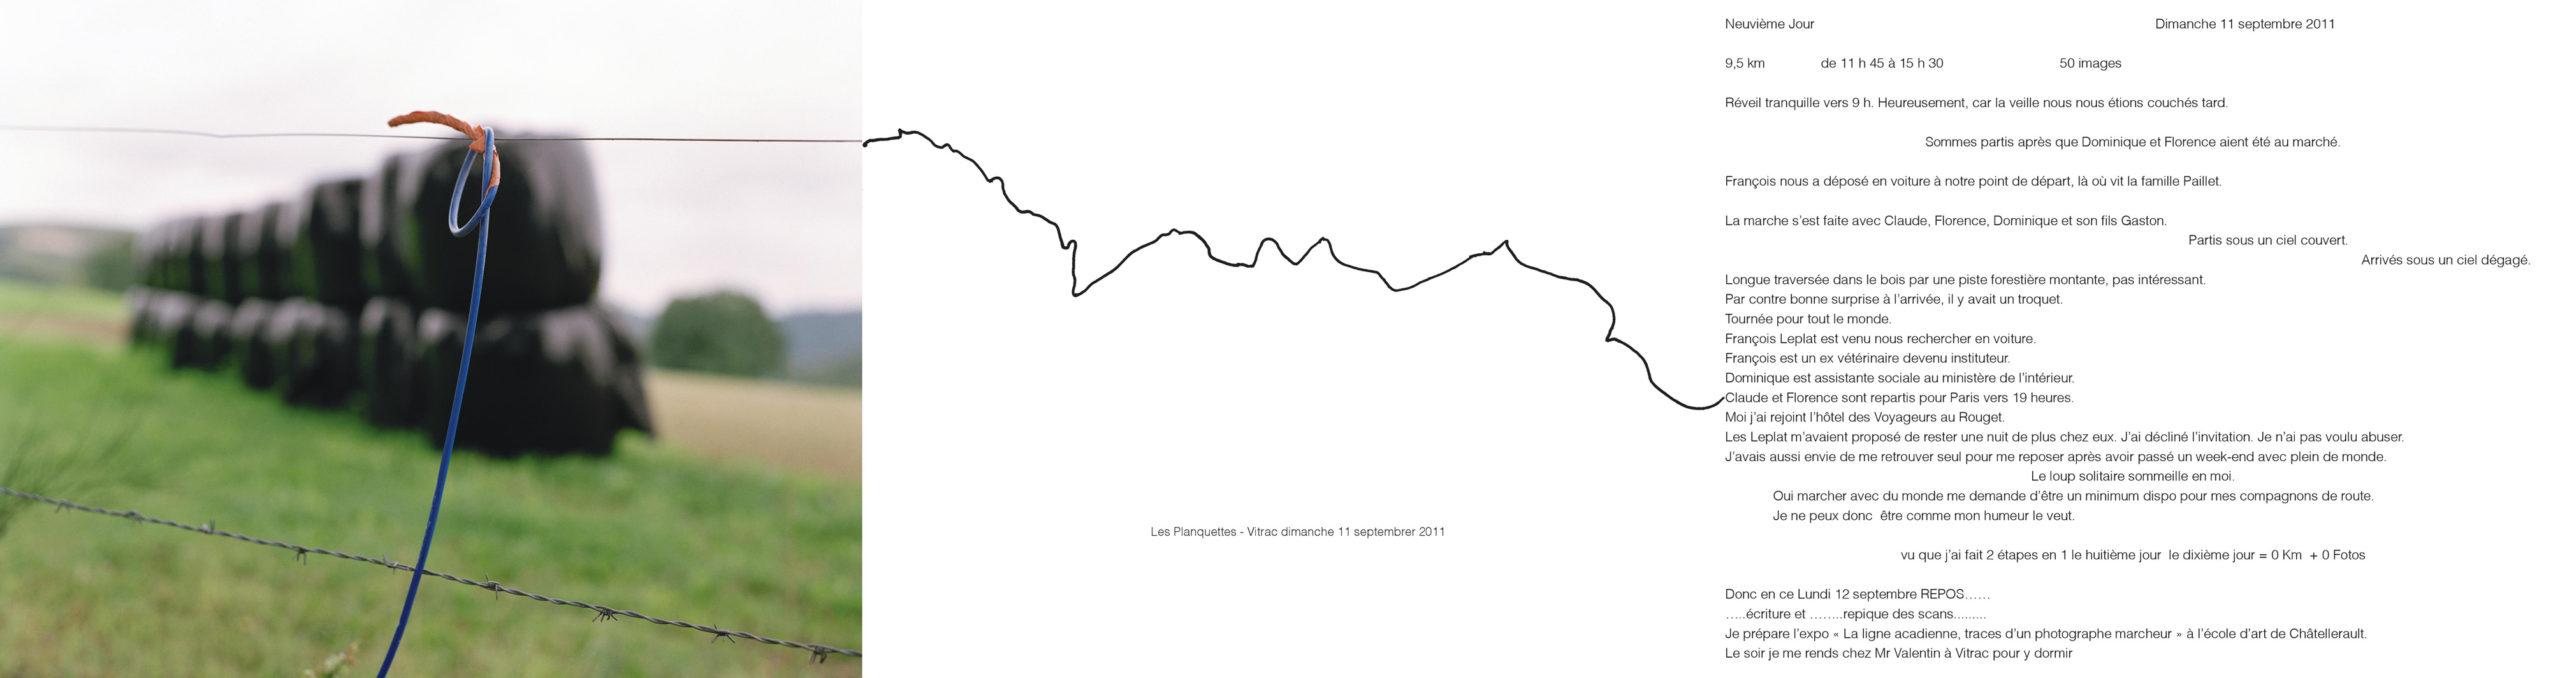 marcher créer, territoire du Cantal, paysage entre Cére et Rance en Champagneraie, paysage urbain, paysage périurbain et paysage de la campagne